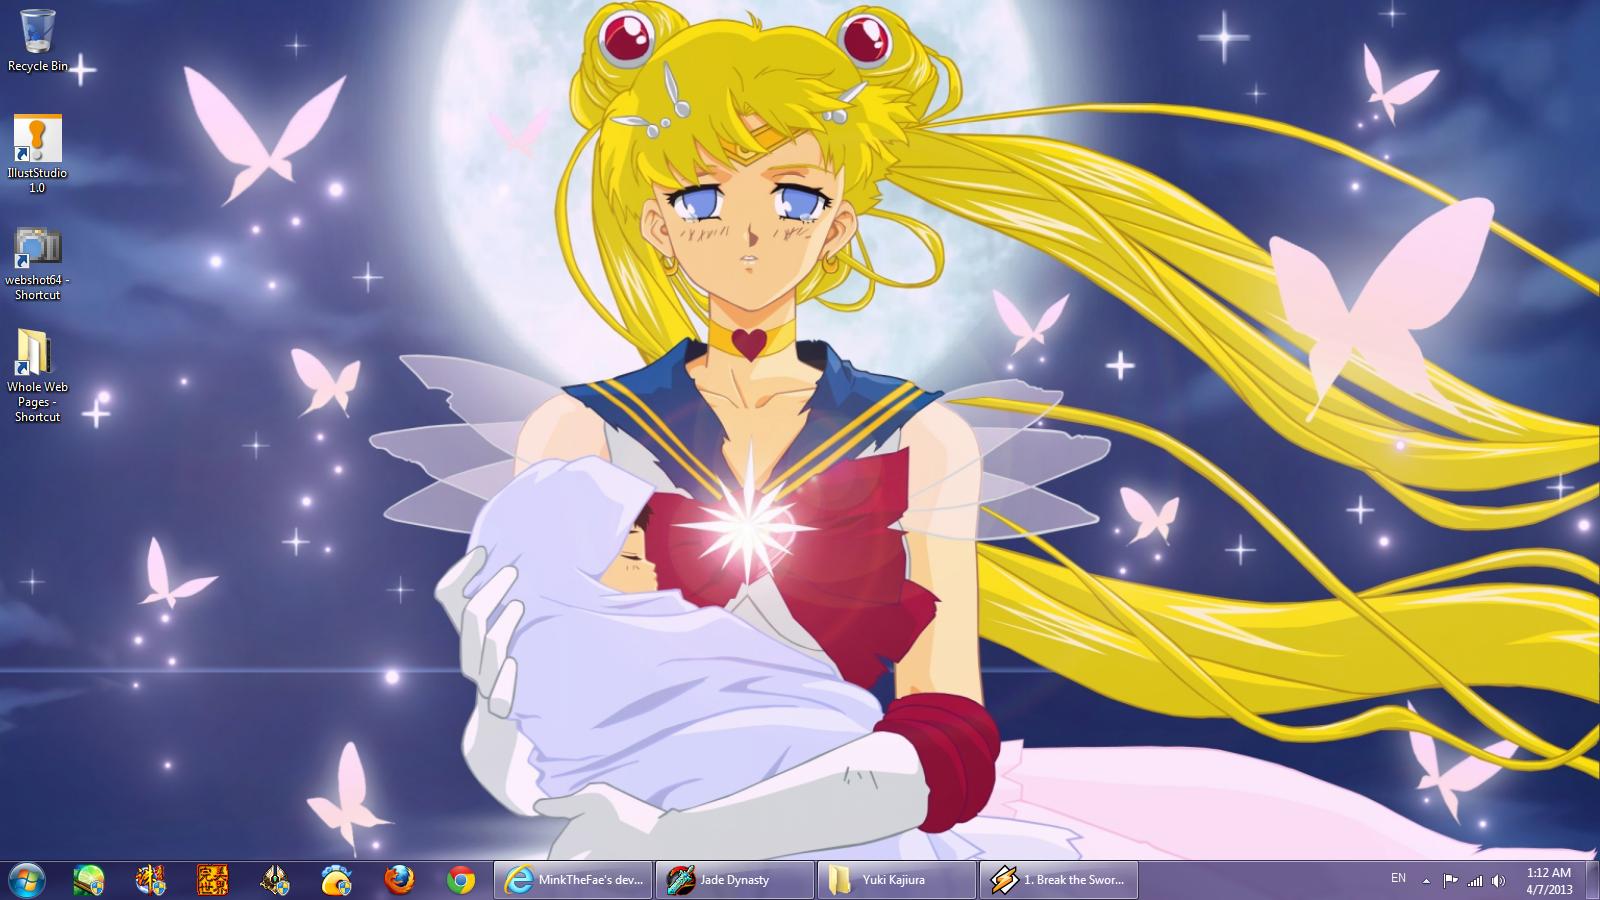 Desktop Screenshot 4.7.2013 by Iridescent-Princess